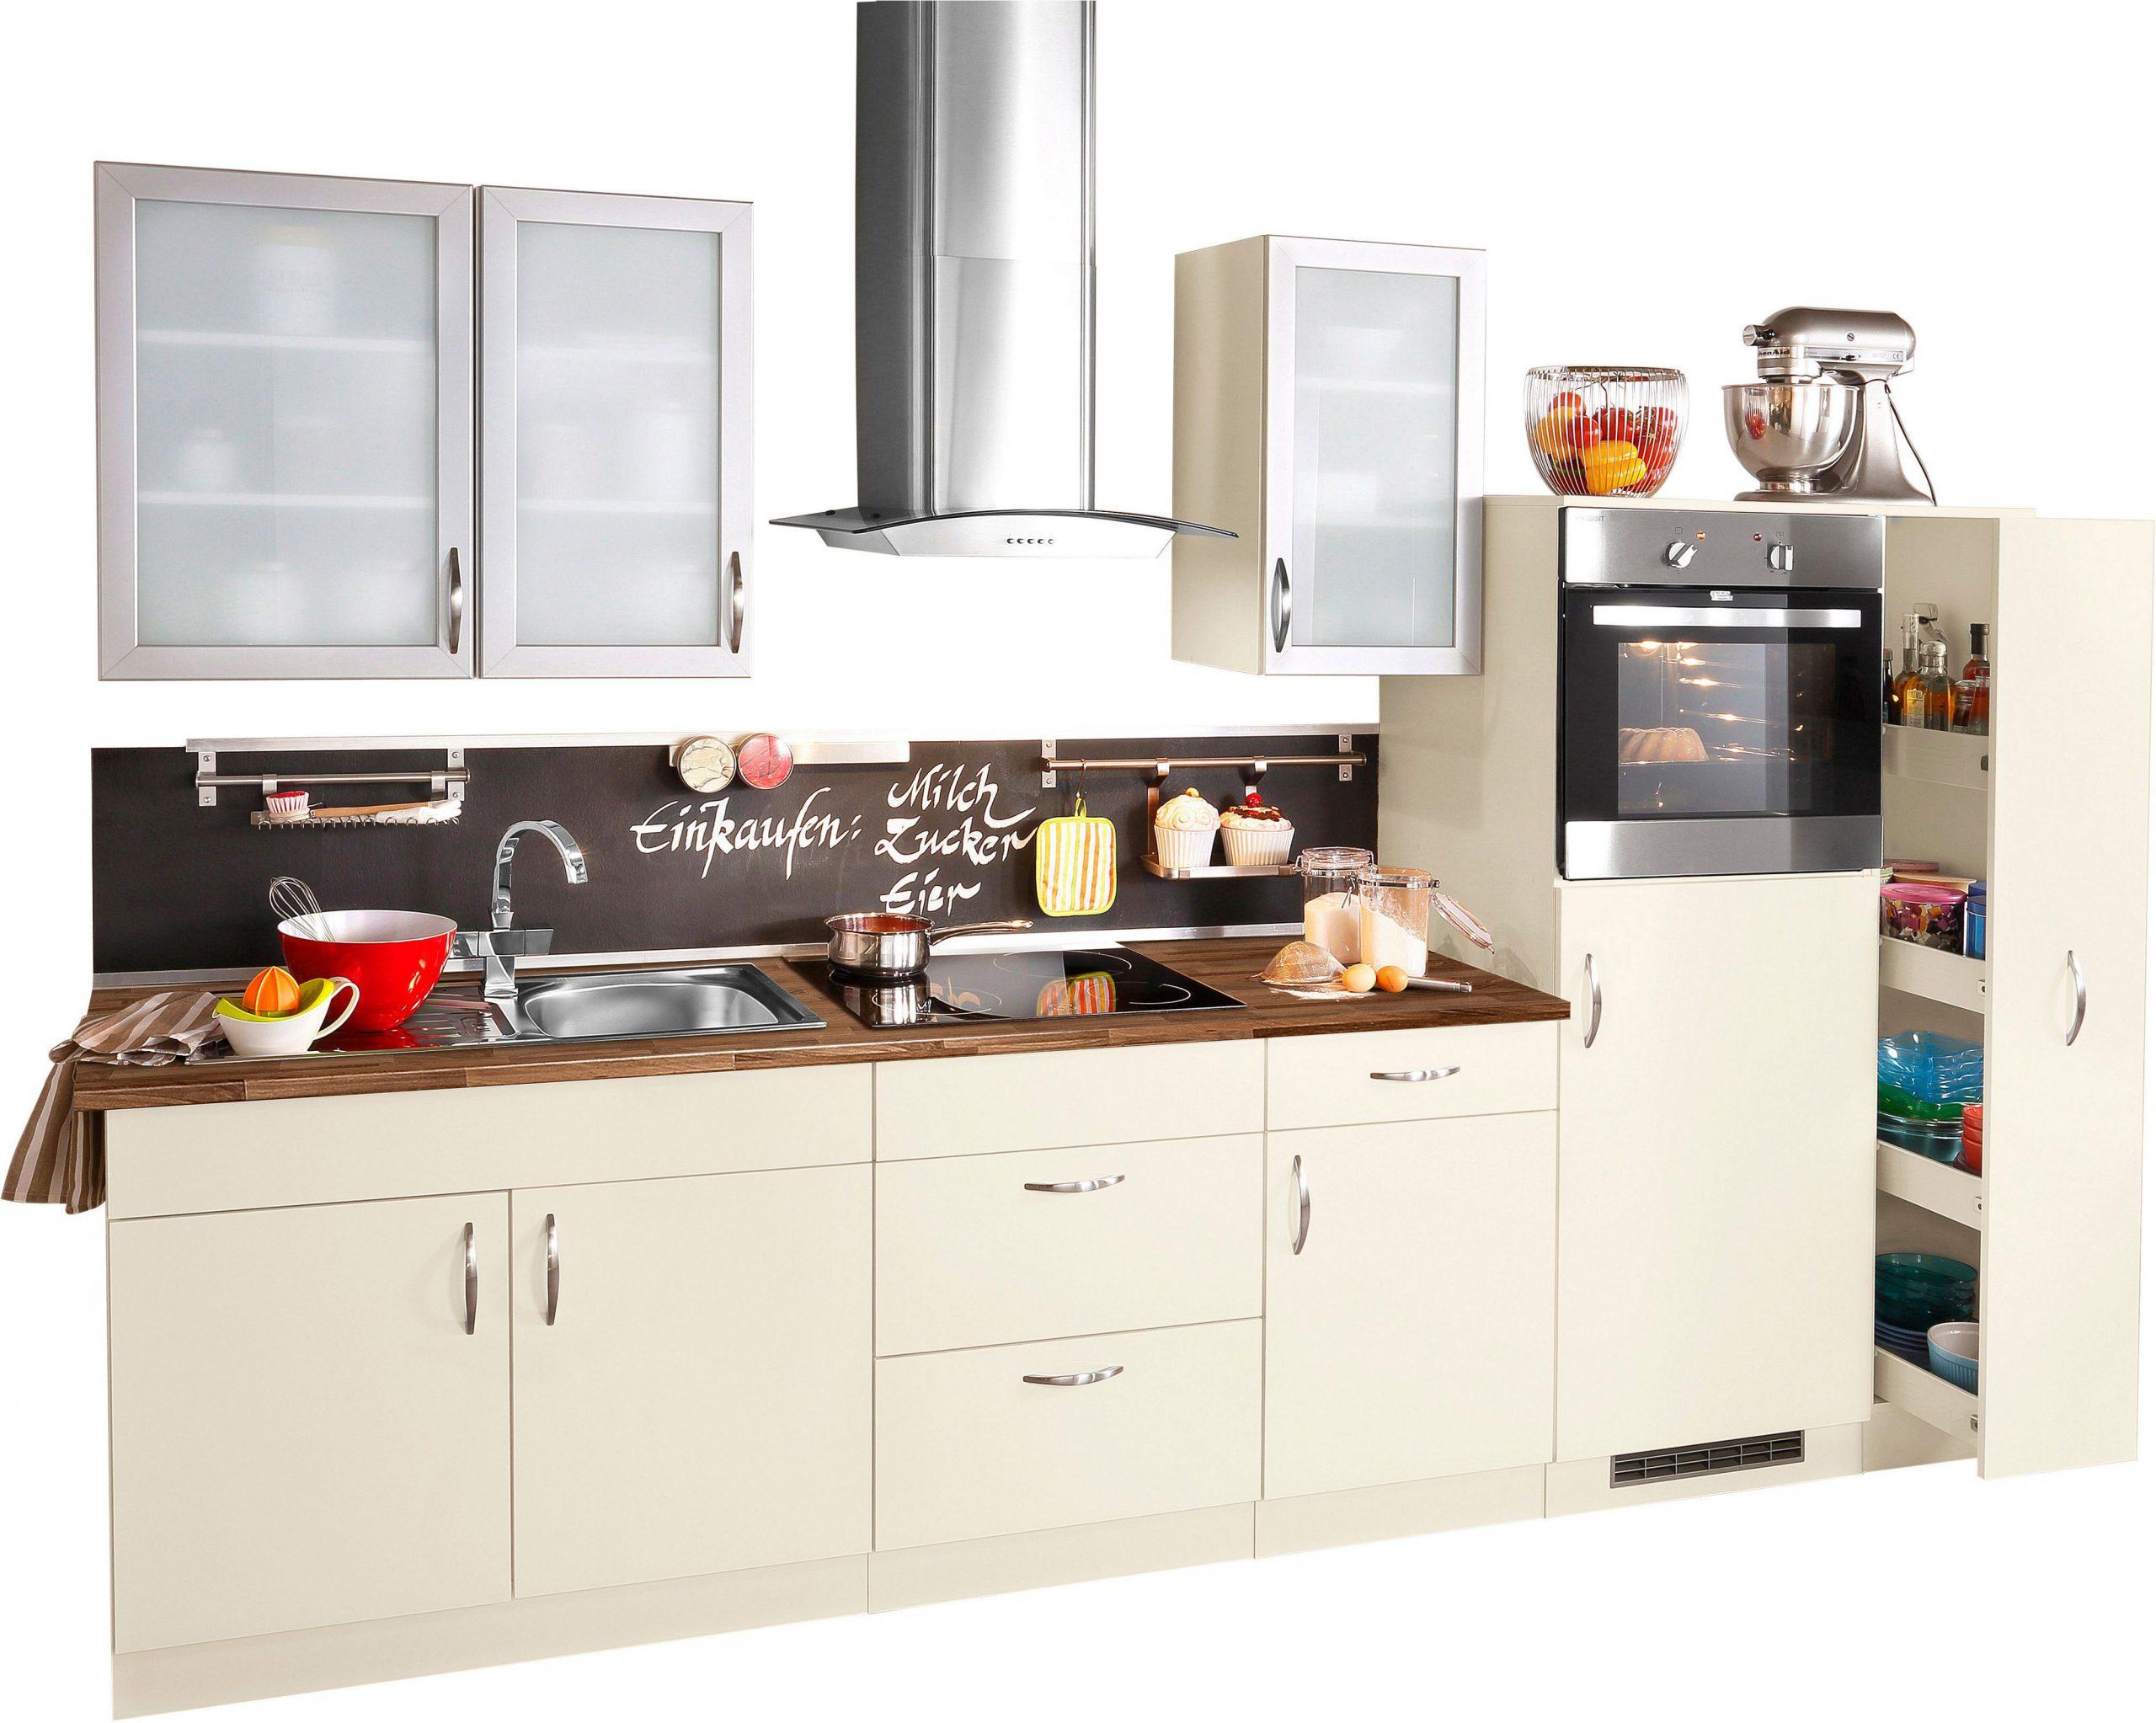 Full Size of Einbauküche Günstig Roller Einbauküche Günstig Mit Elektrogeräten Kleine Einbauküche Günstig Einbauküche Günstig Kaufen Küche Einbauküche Günstig